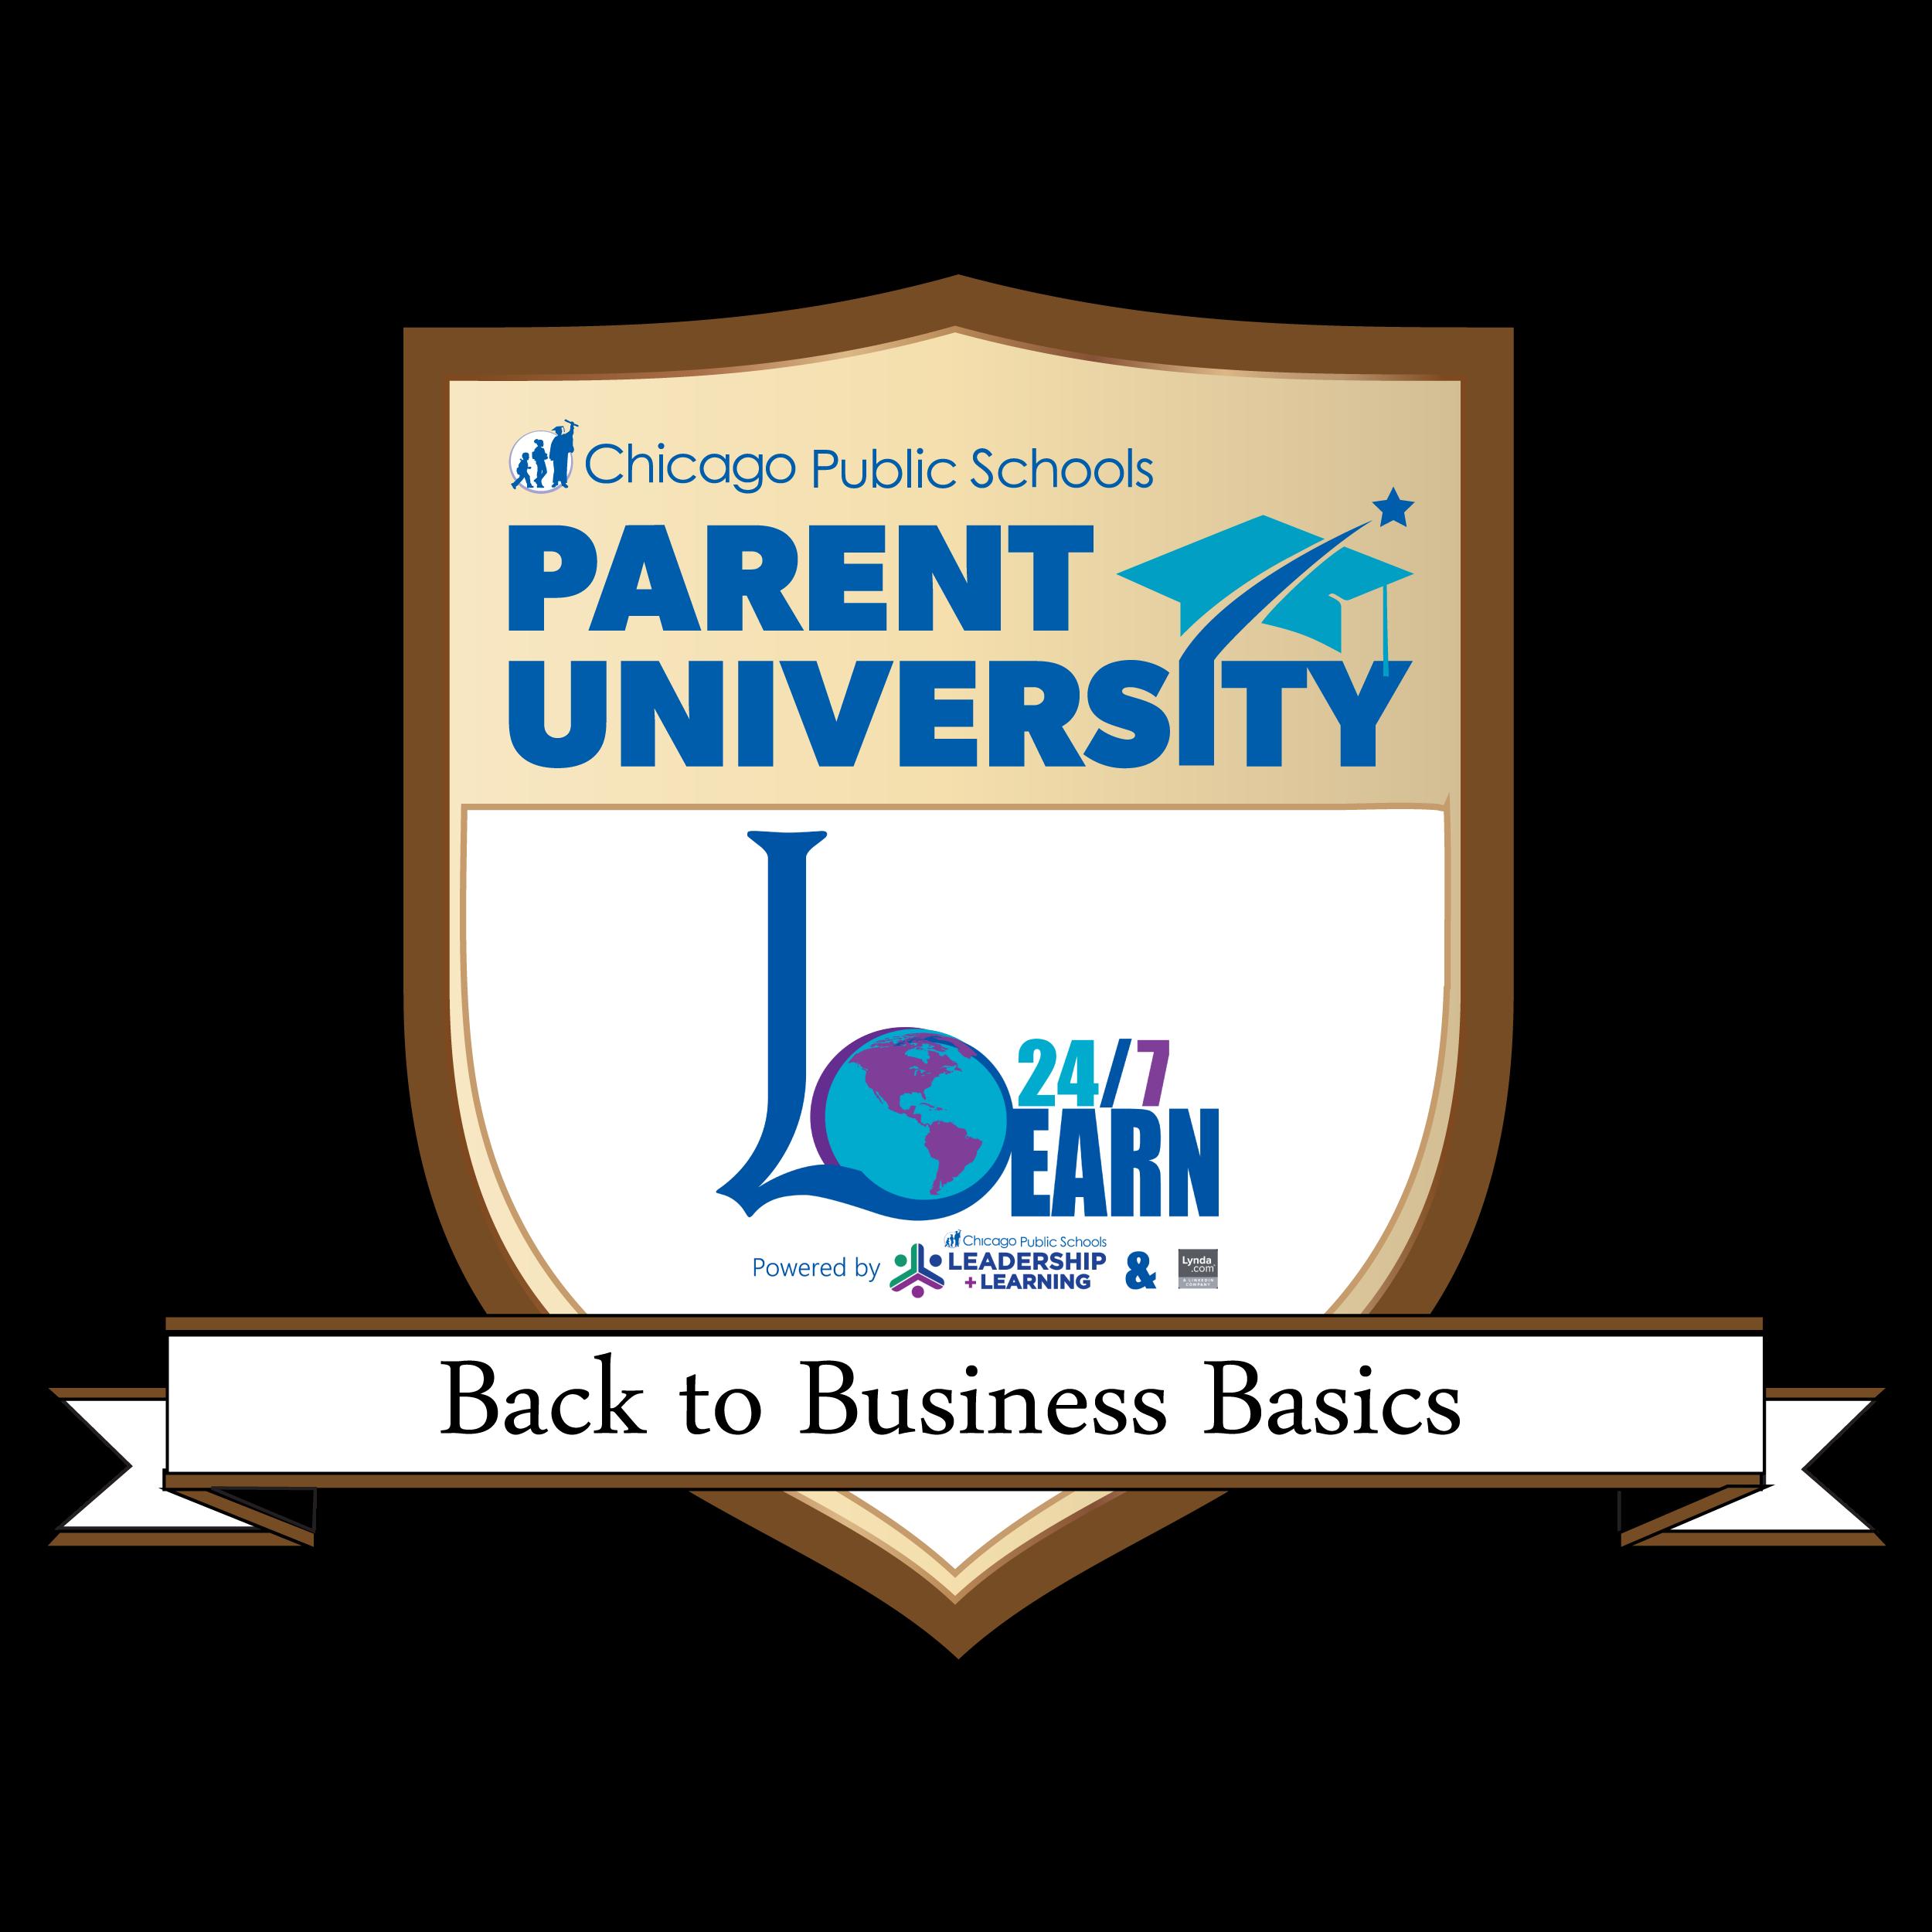 Back to Business Basics